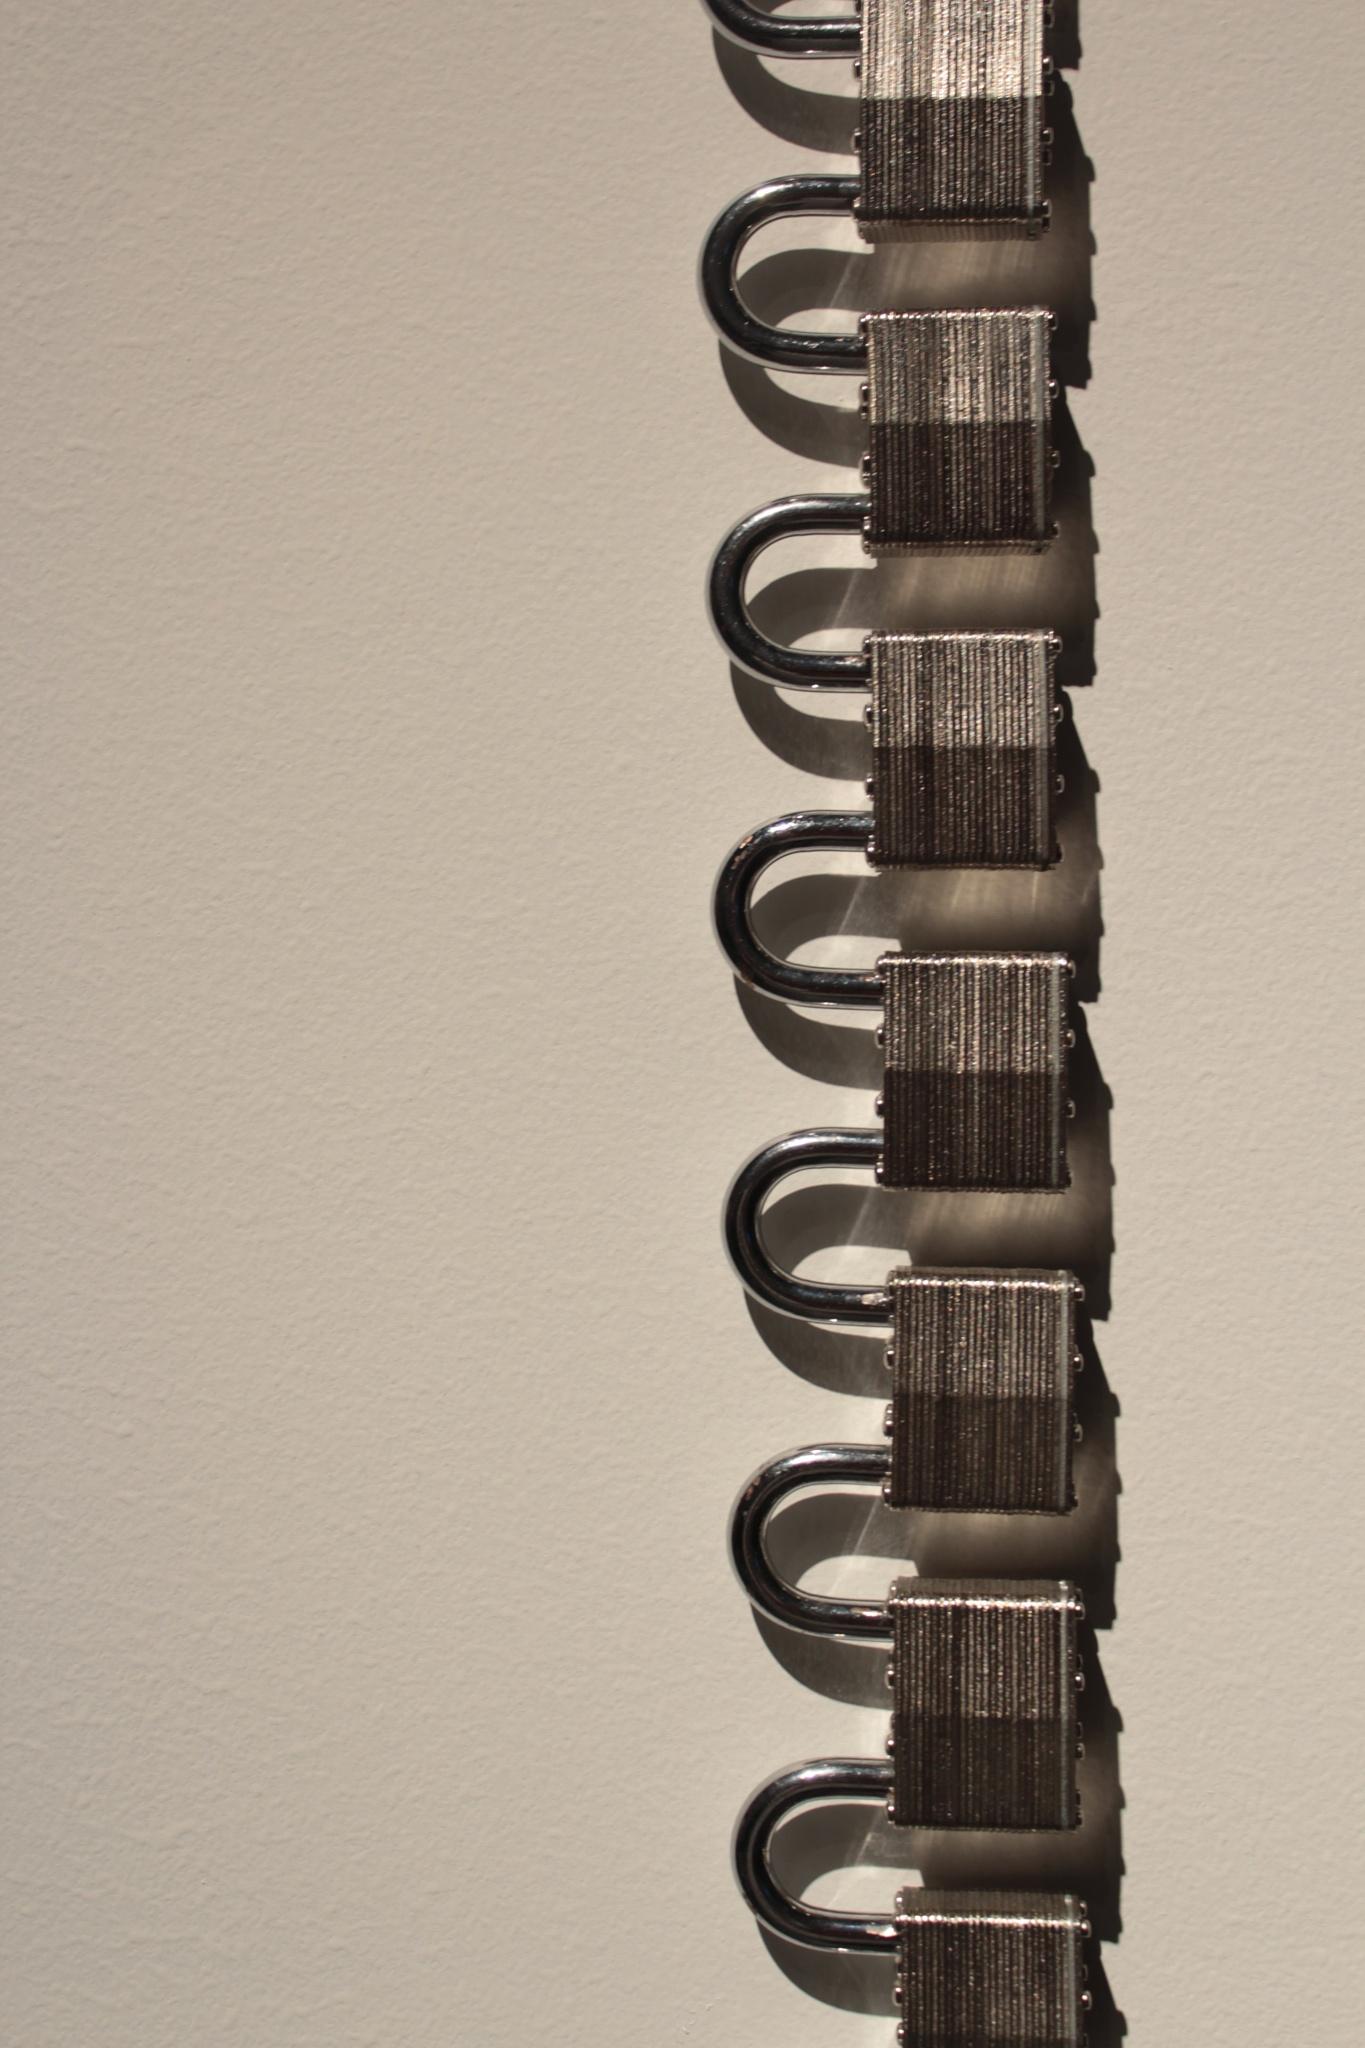 Padlocks by Atun